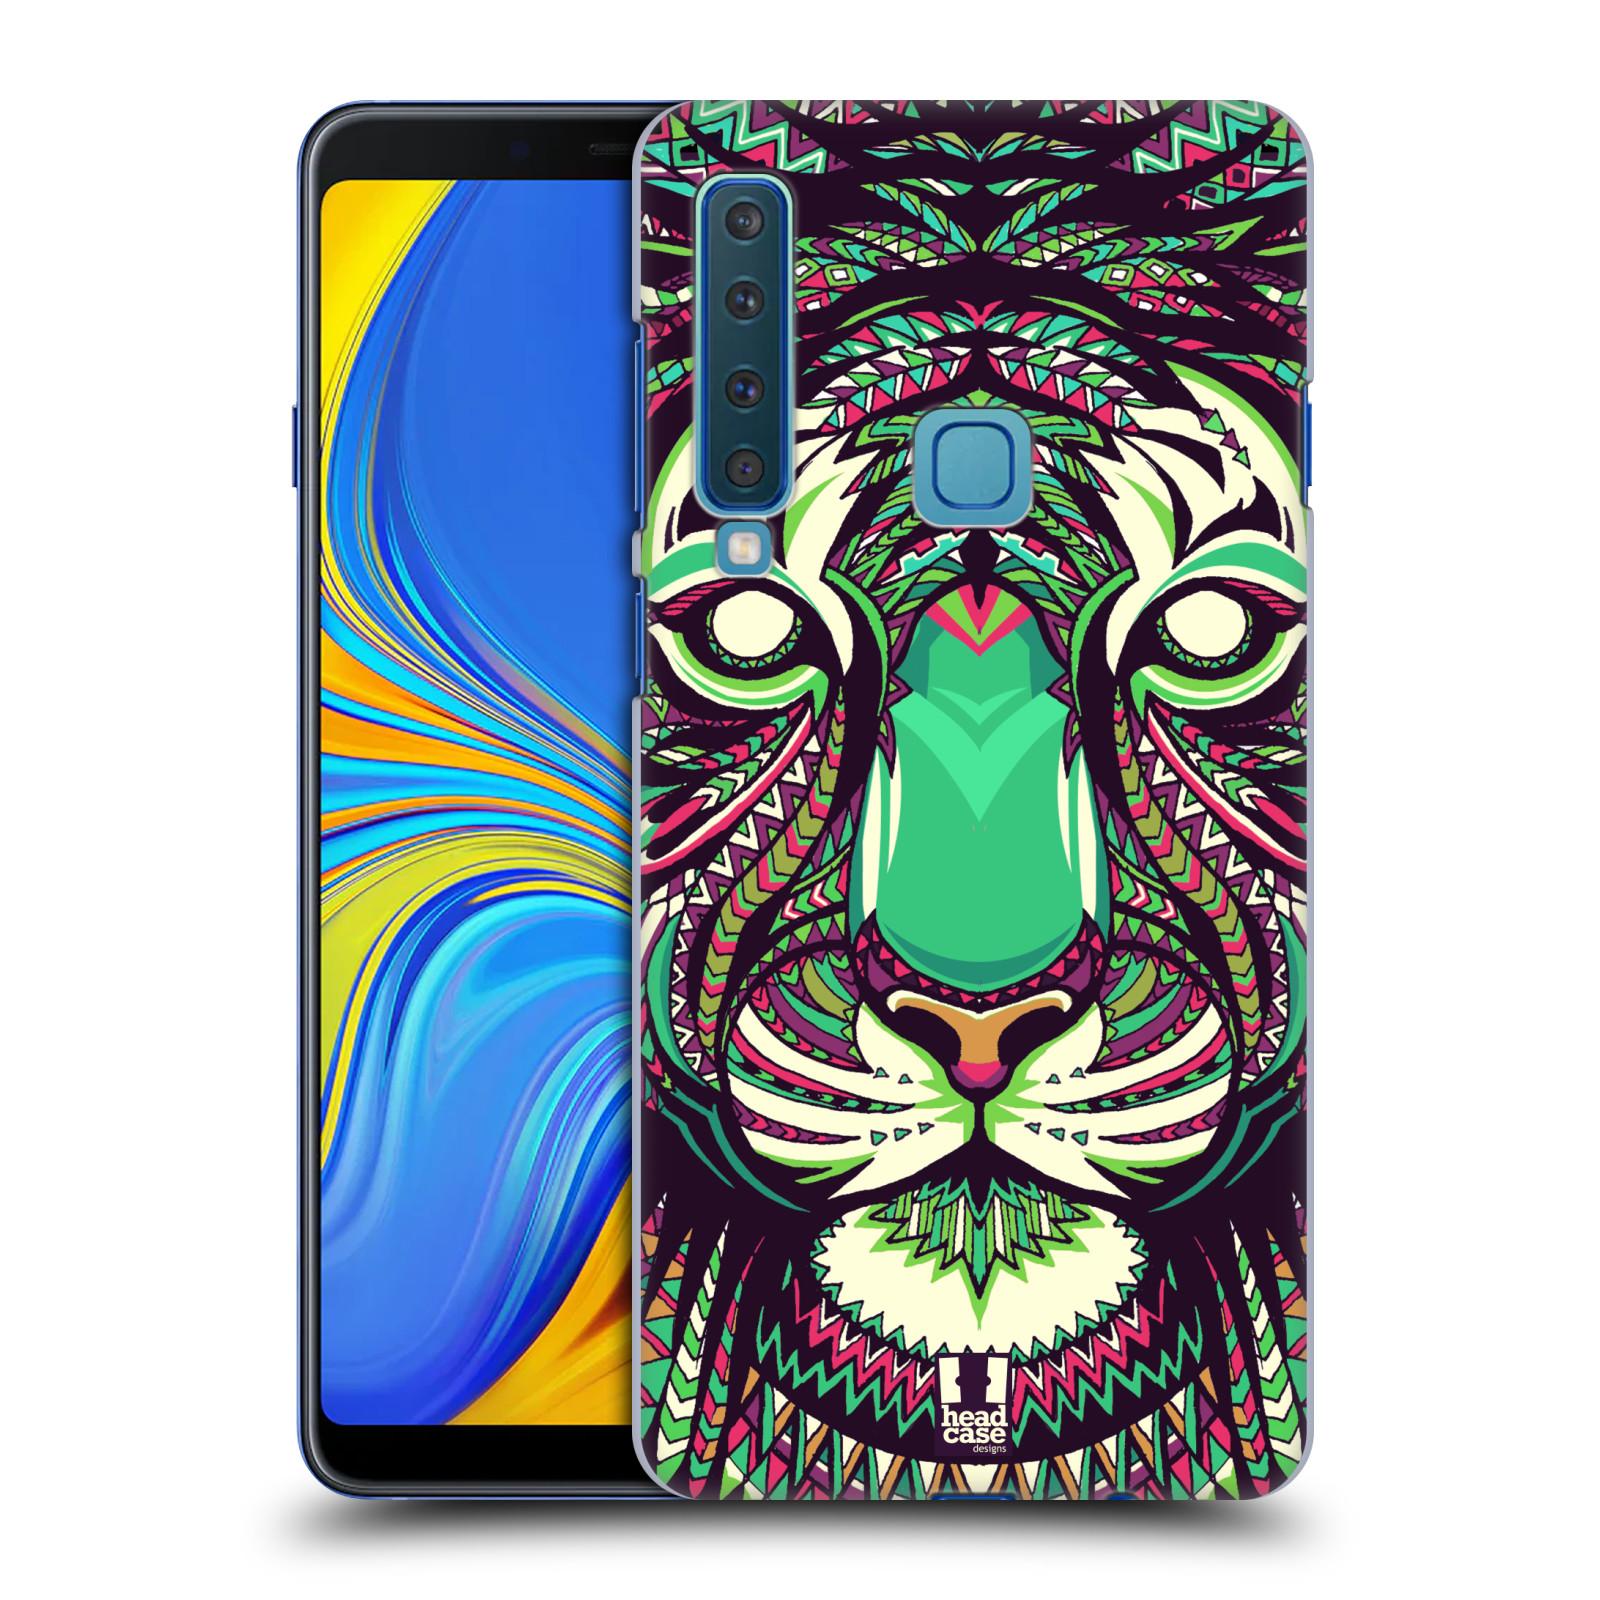 Plastové pouzdro na mobil Samsung Galaxy A9 (2018) - Head Case - AZTEC TYGR